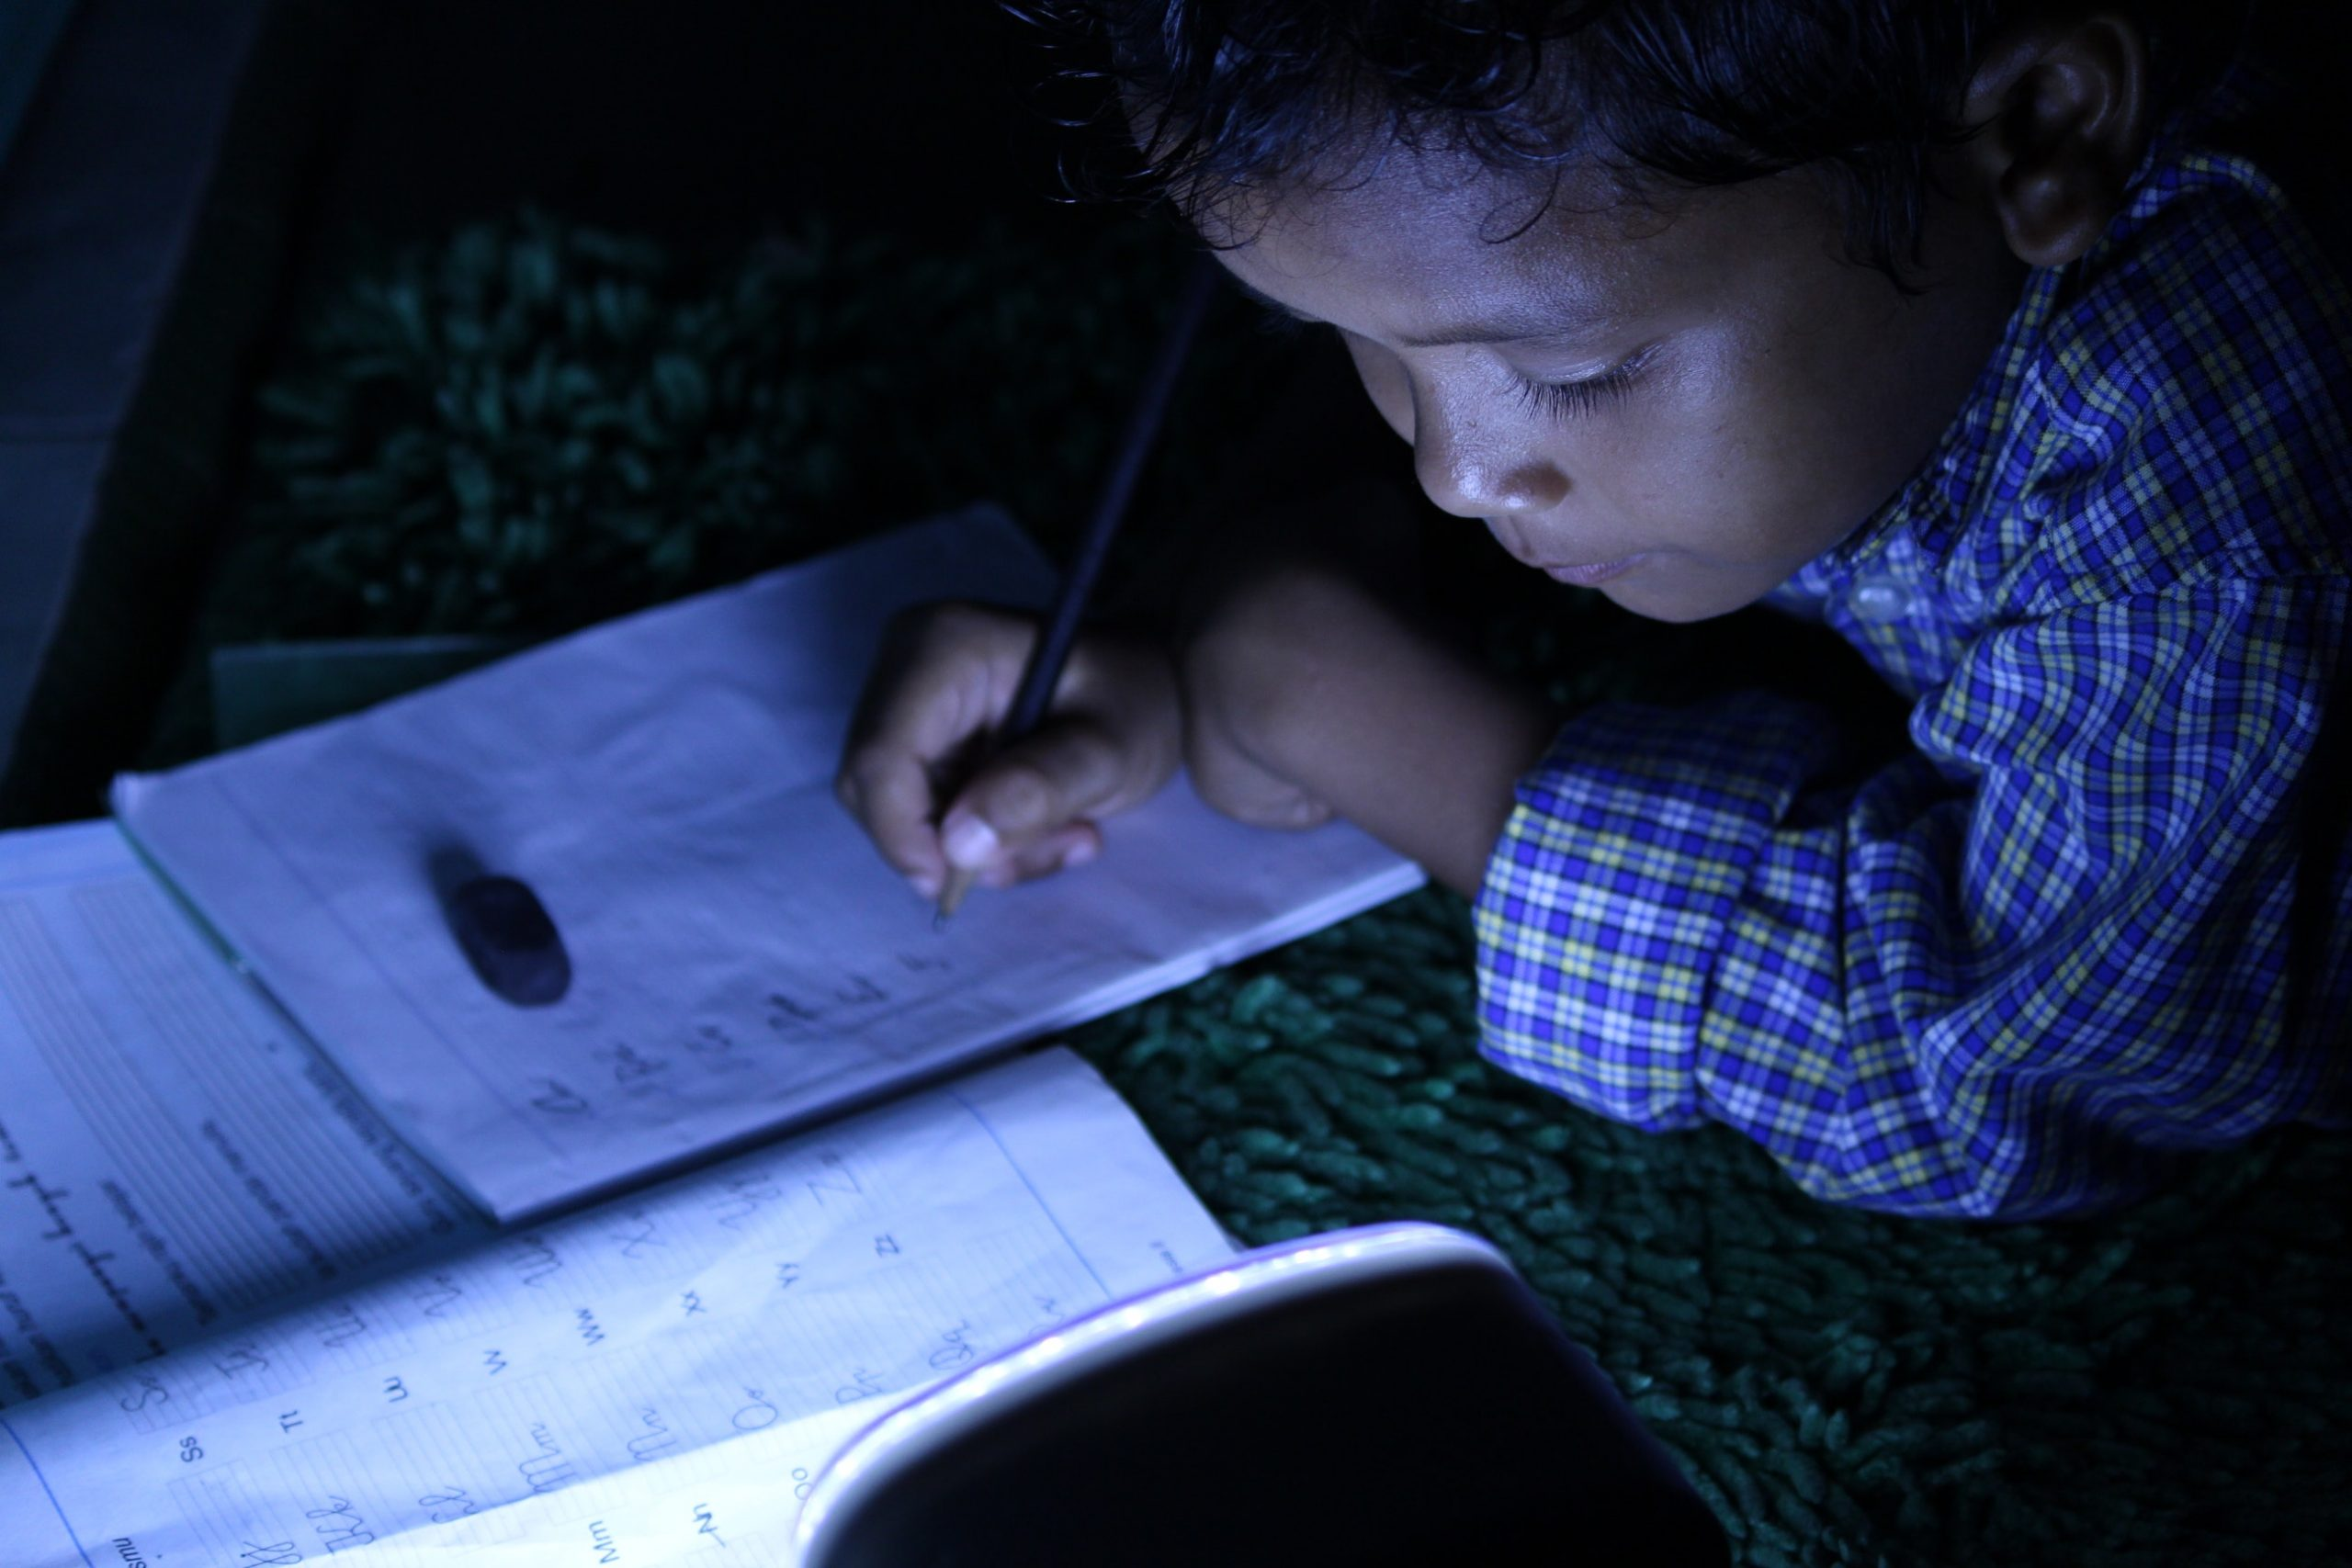 Na favela, crianças ficam sem estudar por falta de recursos tecnológicos